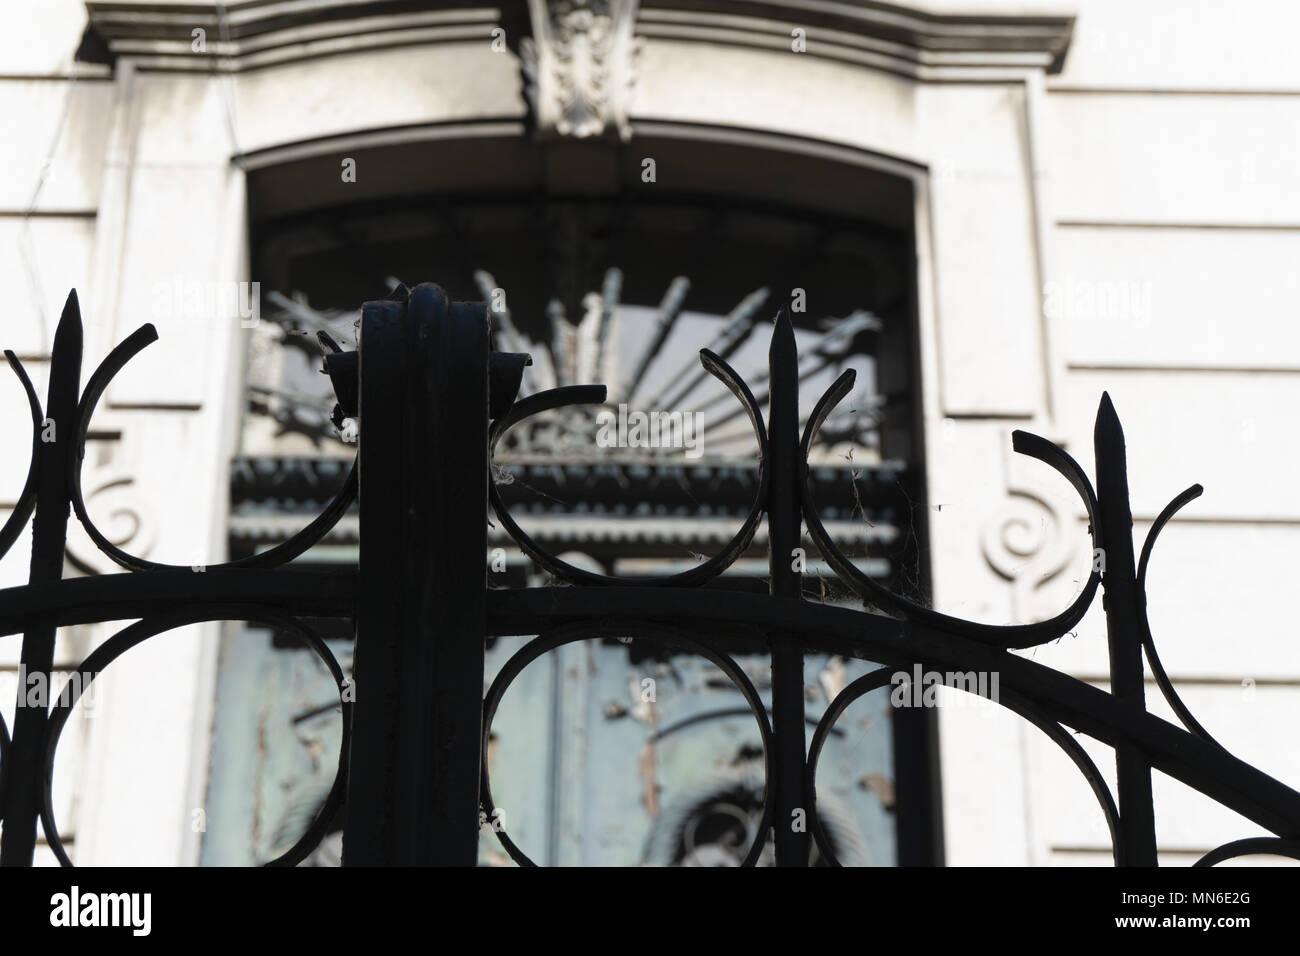 Guarda dall'esterno dietro il cancello di ferro antico e scolpiti in stile gotico Immagini Stock